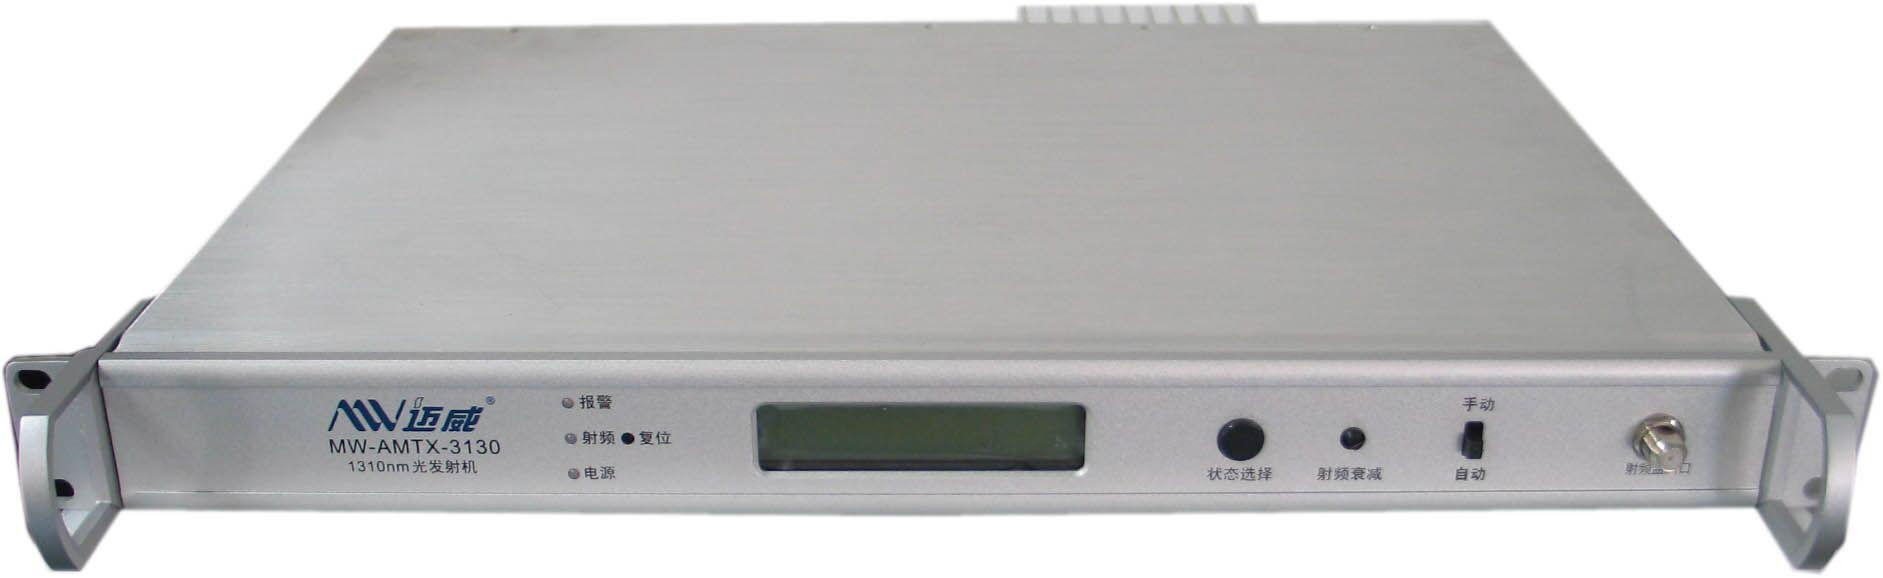 邁威 MW--AMTX -3130 光發射機